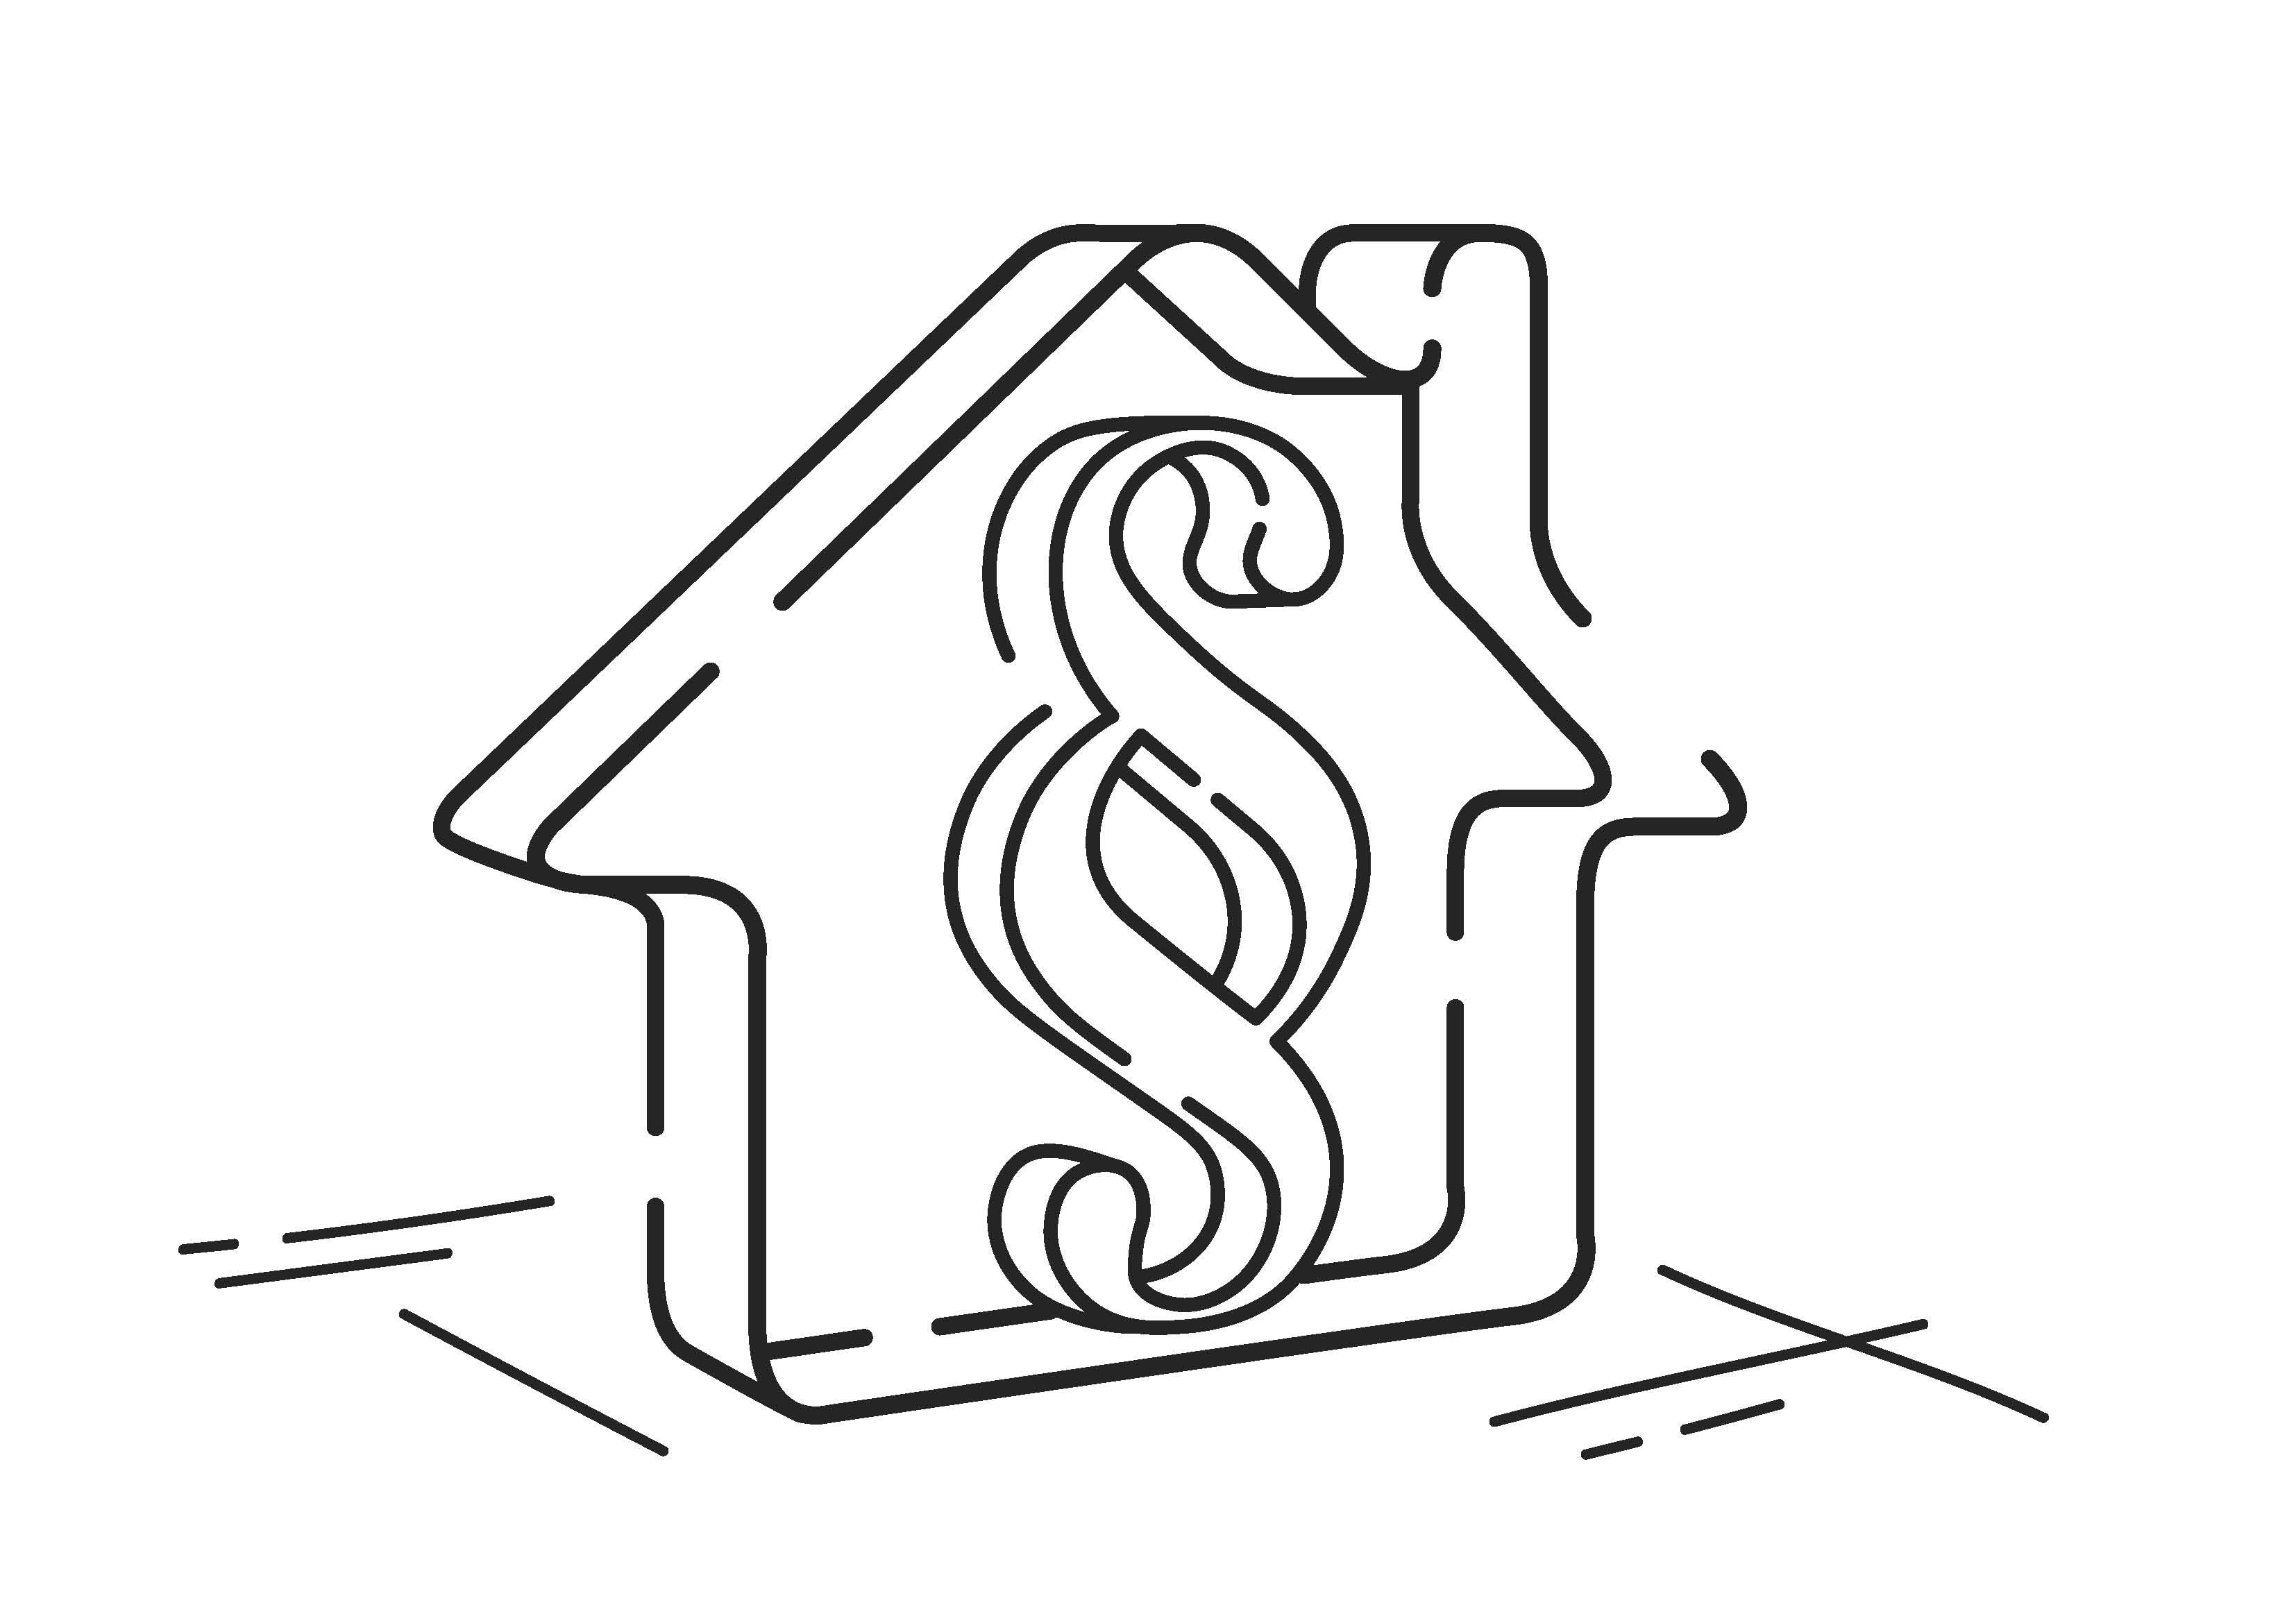 Immobilie verkaufen ohne Makler - Deutsche Wertermittlungsrichtlinien